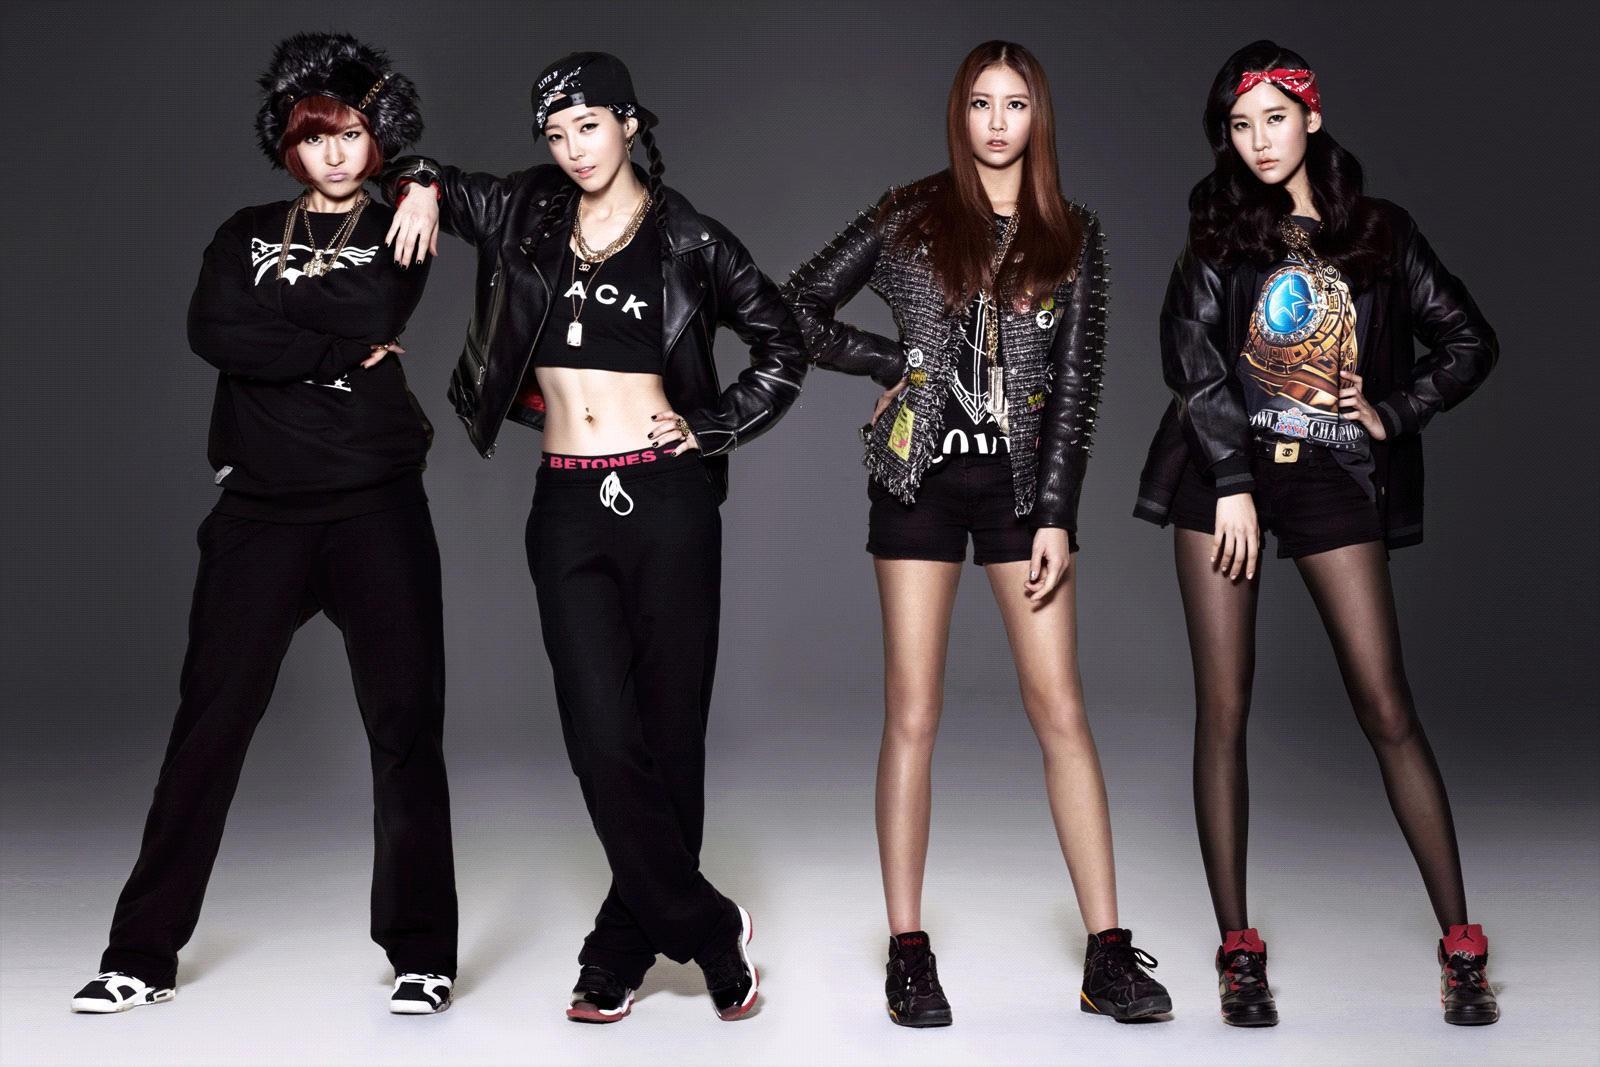 Tưởng tượng mà xem, girlgroup mới của Big Hit sẽ ngầu như thế nào nếu được áp dụng công thức BTS? - Ảnh 1.